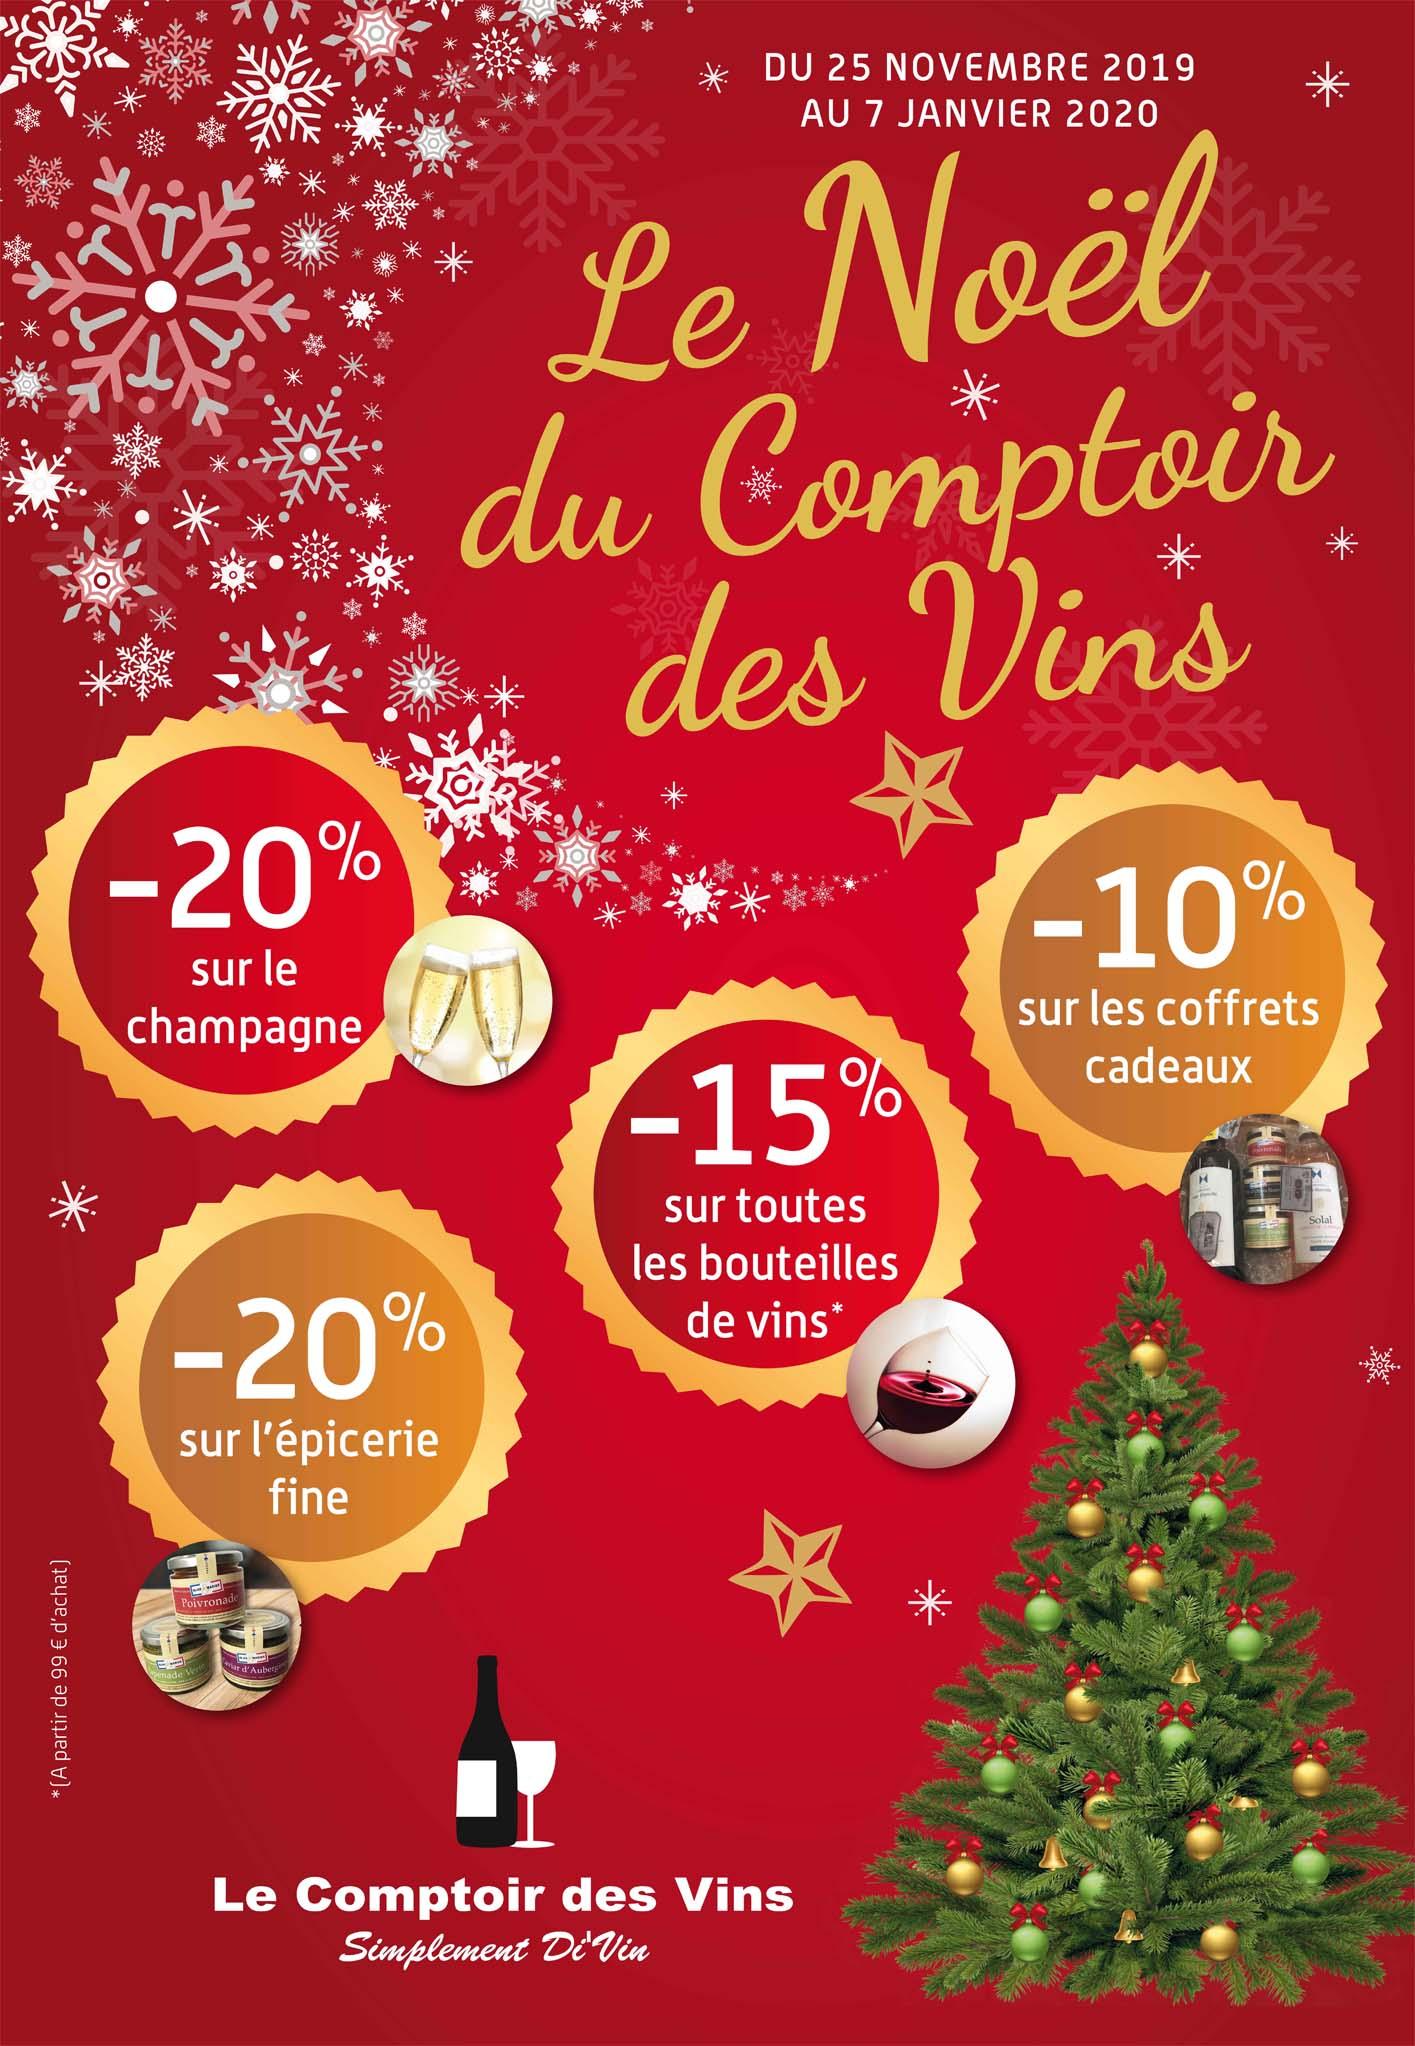 Le Noël du Comptoir des Vins